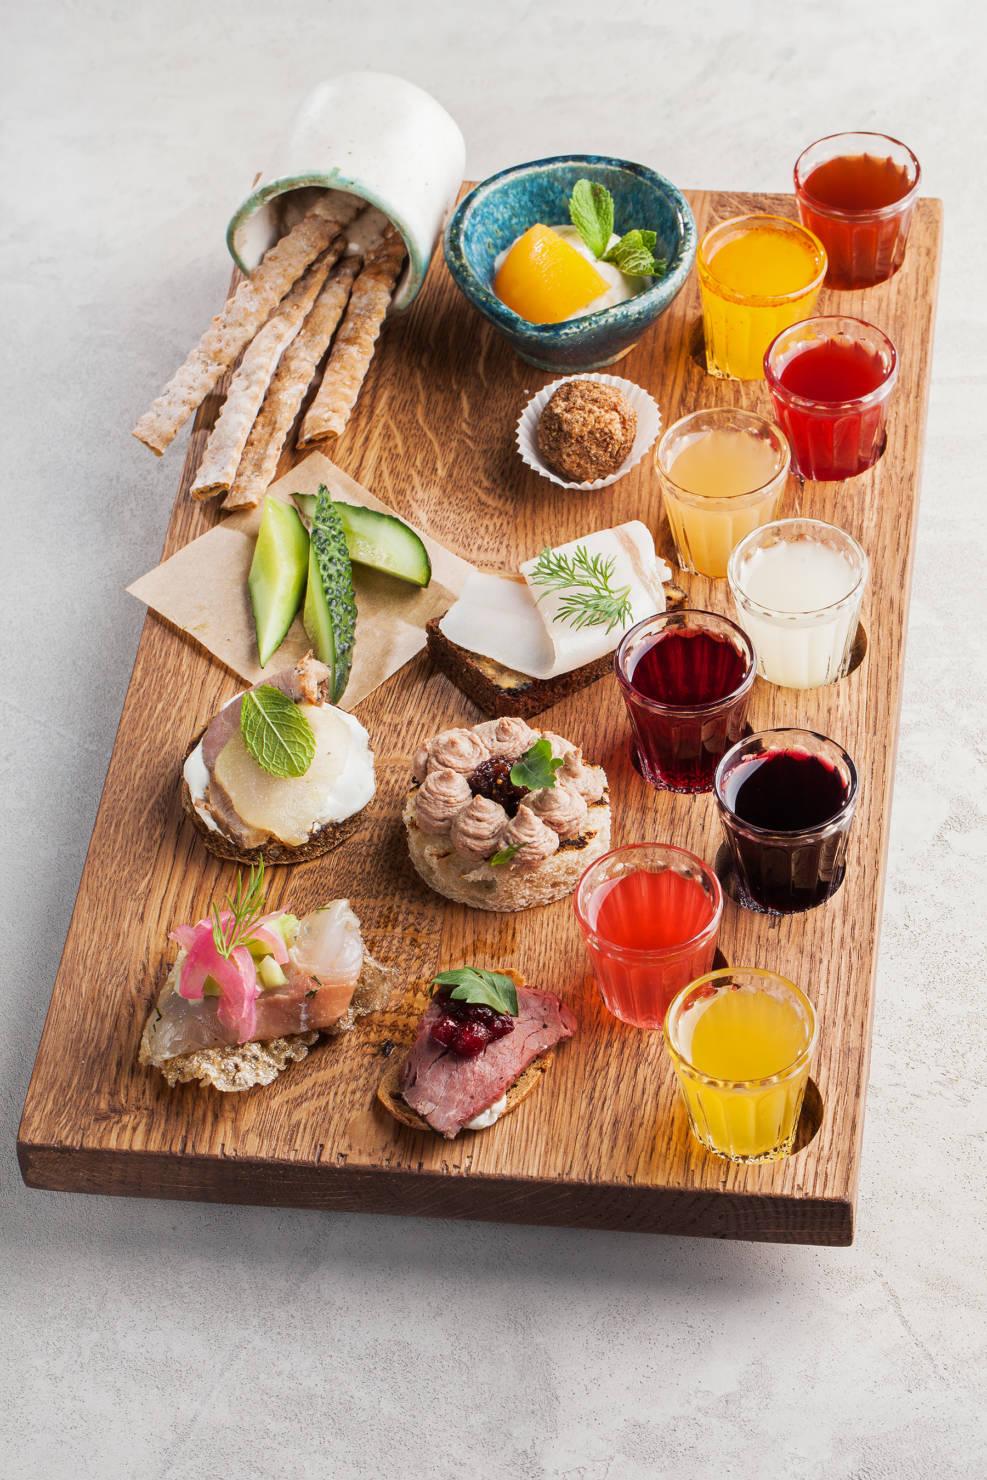 ресторан банщикик, сезонное меню, летние коктейли, коктейли с ягодами, дегустационный сет, домашние настойки